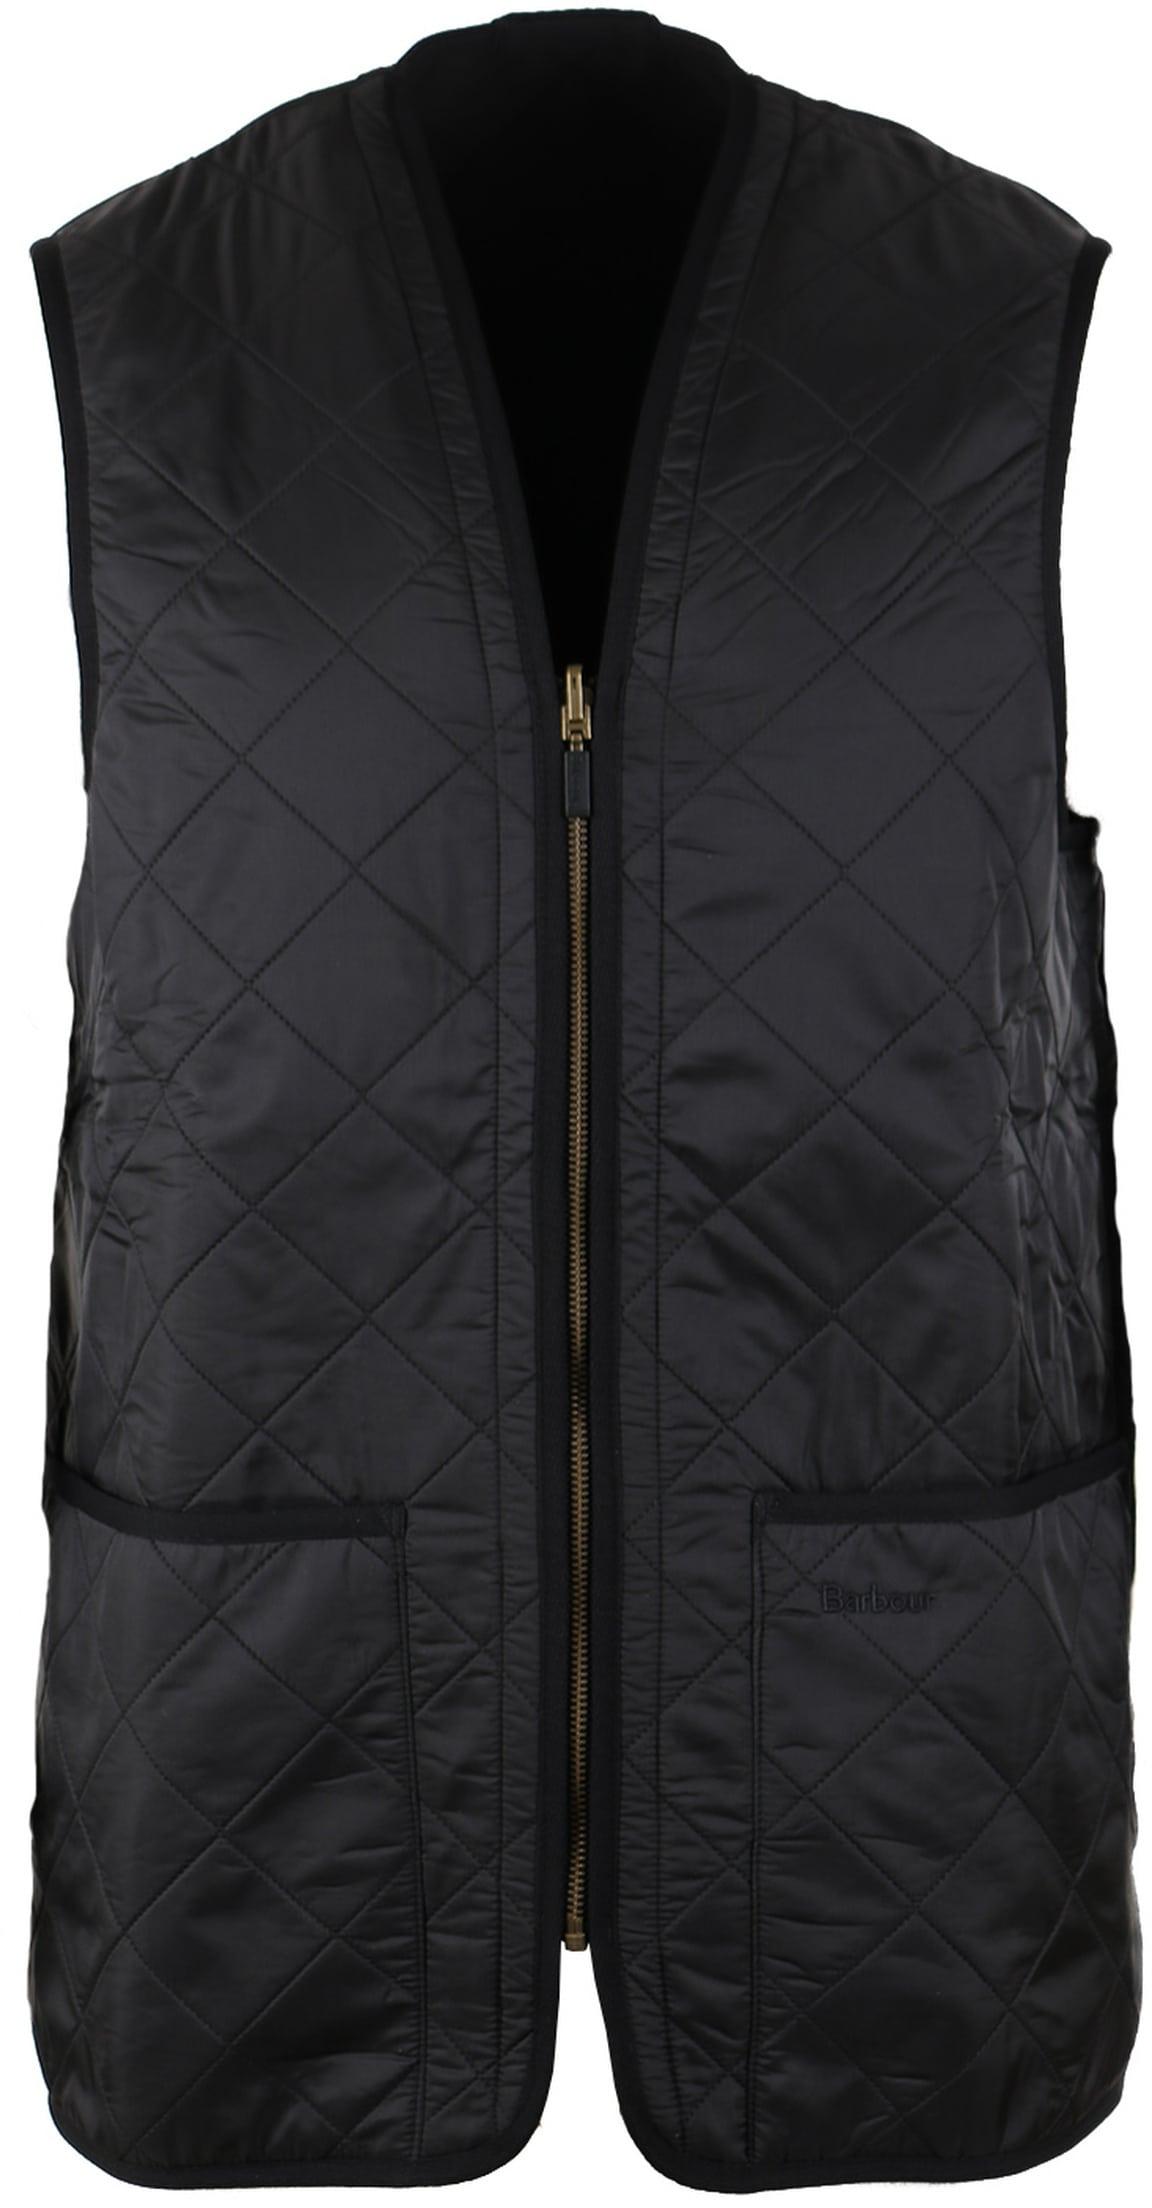 Barbour Online Shop Herren Jacken Gnstig Kaufen Sweater Typisch Original Innenfutter Polarquilt Schwarz